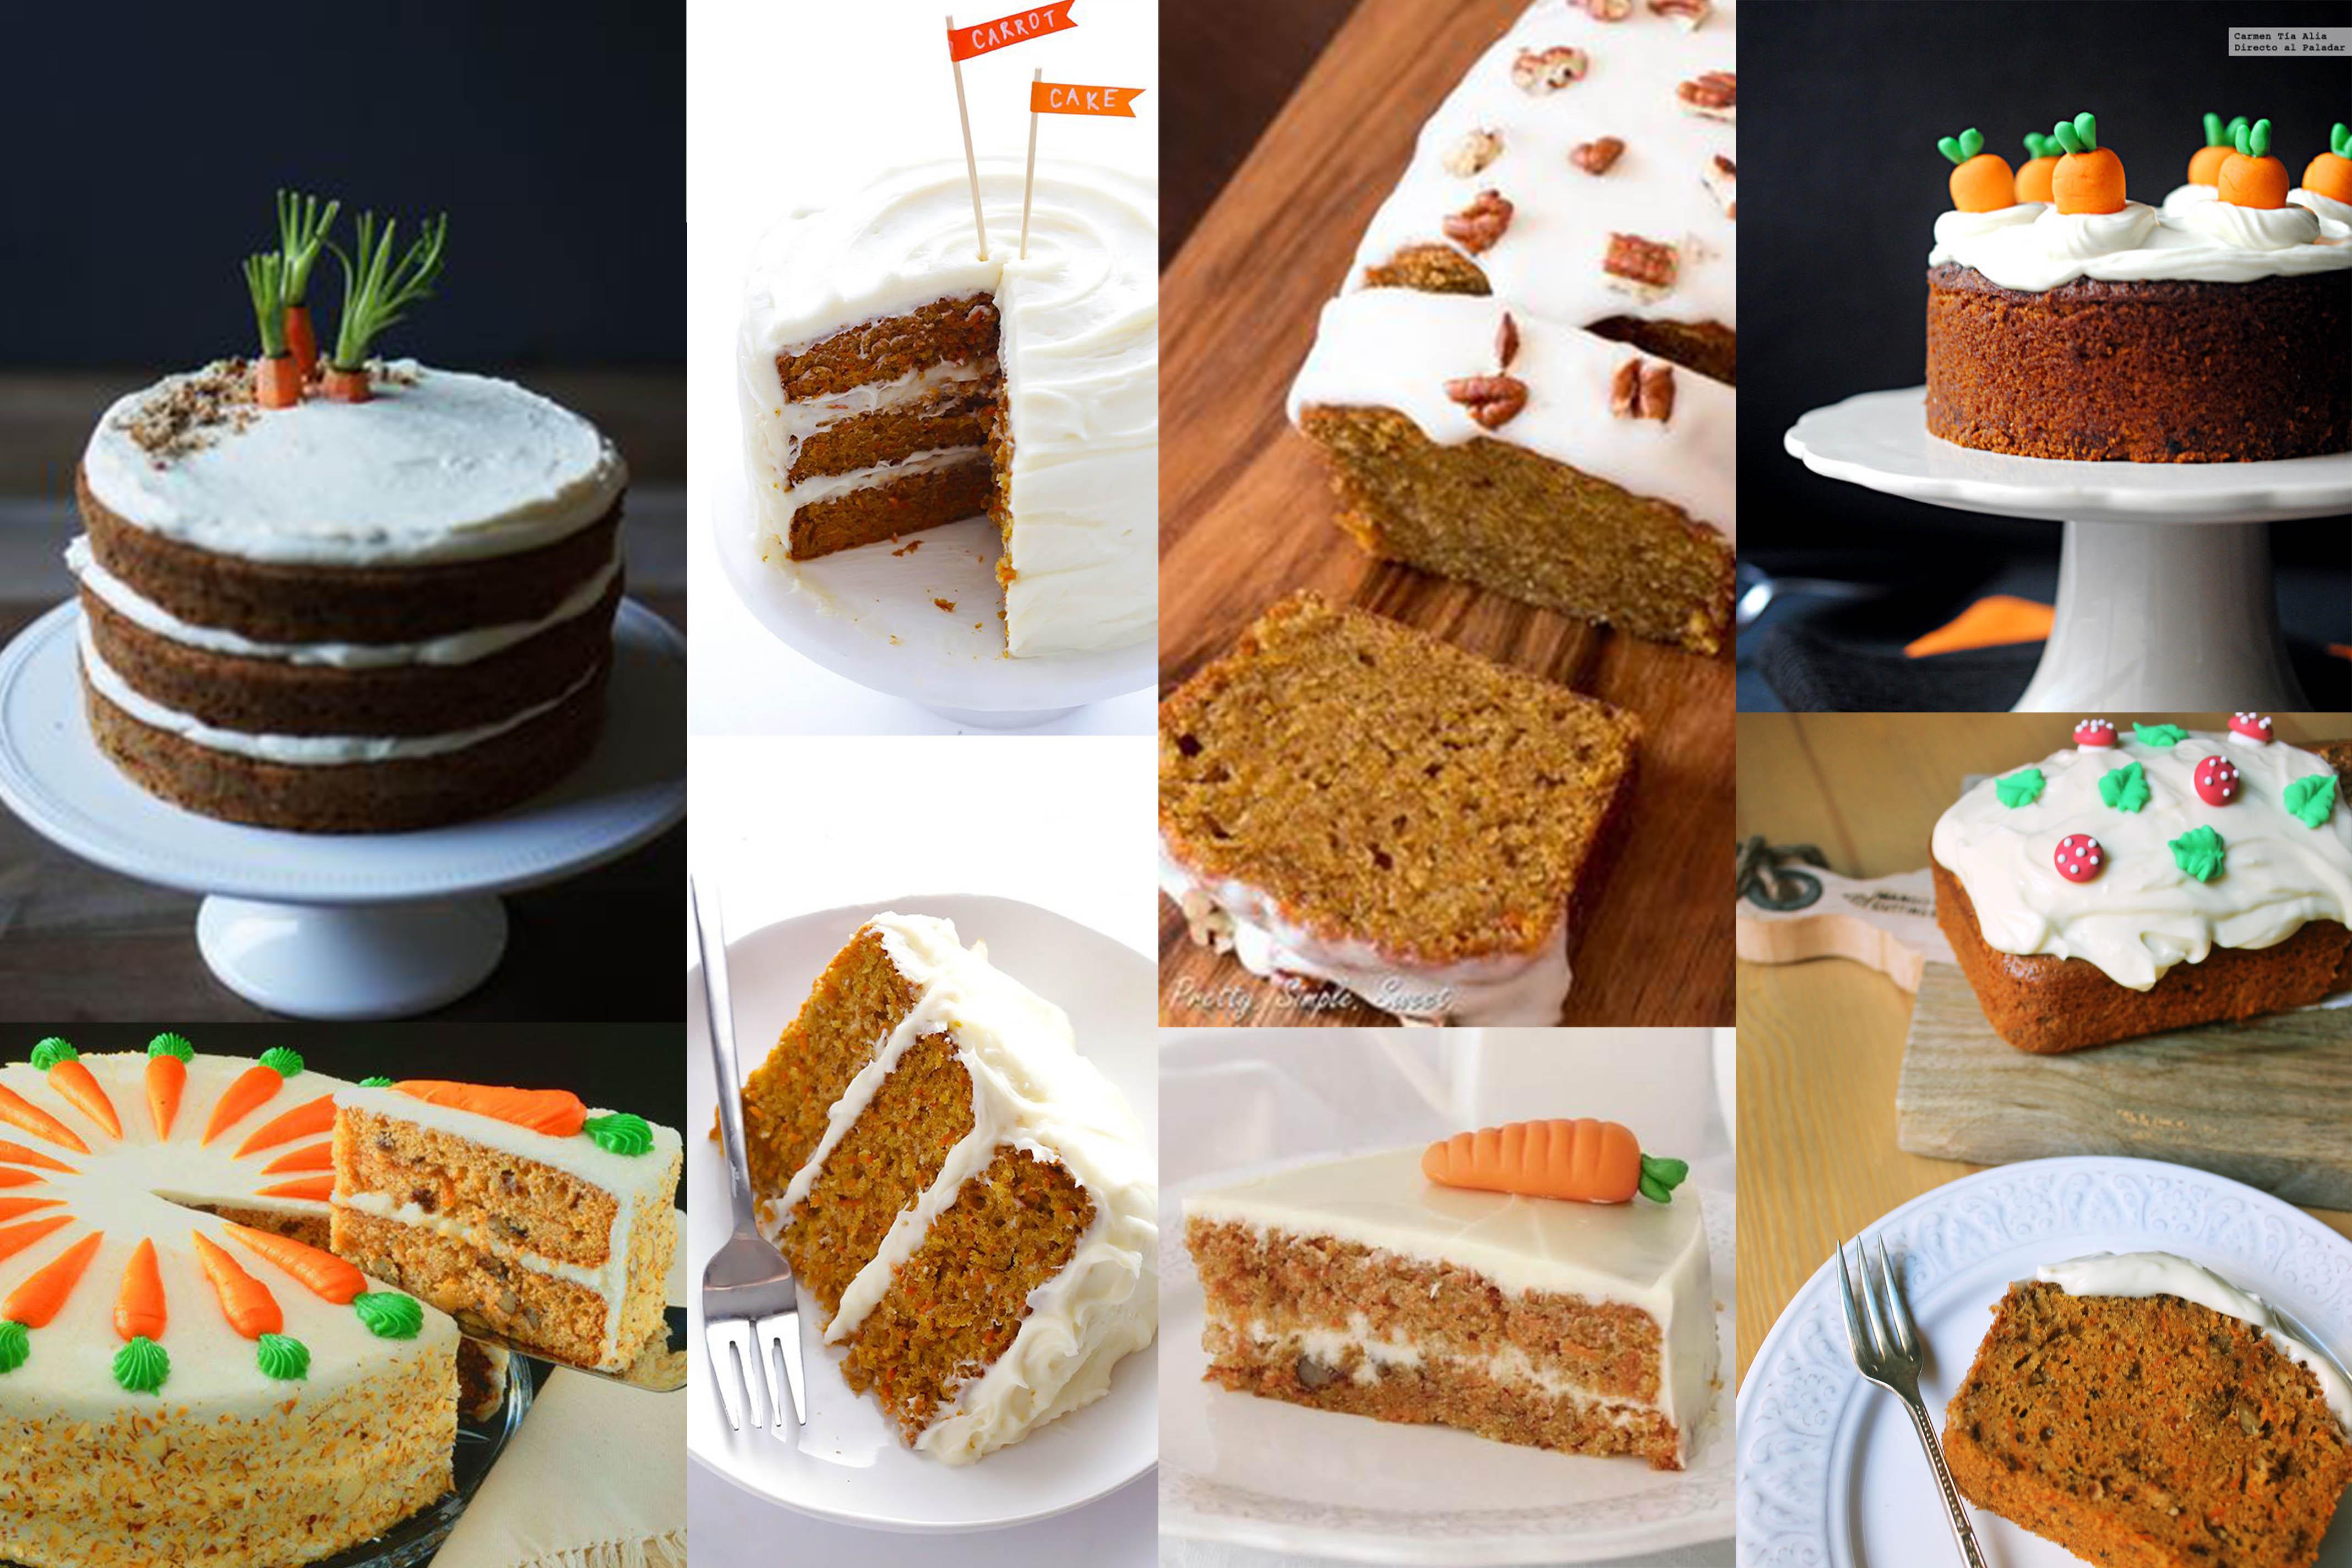 Como Decorar Un Pastel Les Dejo Este Pastel Que Hice Ayer Para Un - Ideas-para-decorar-una-tarta